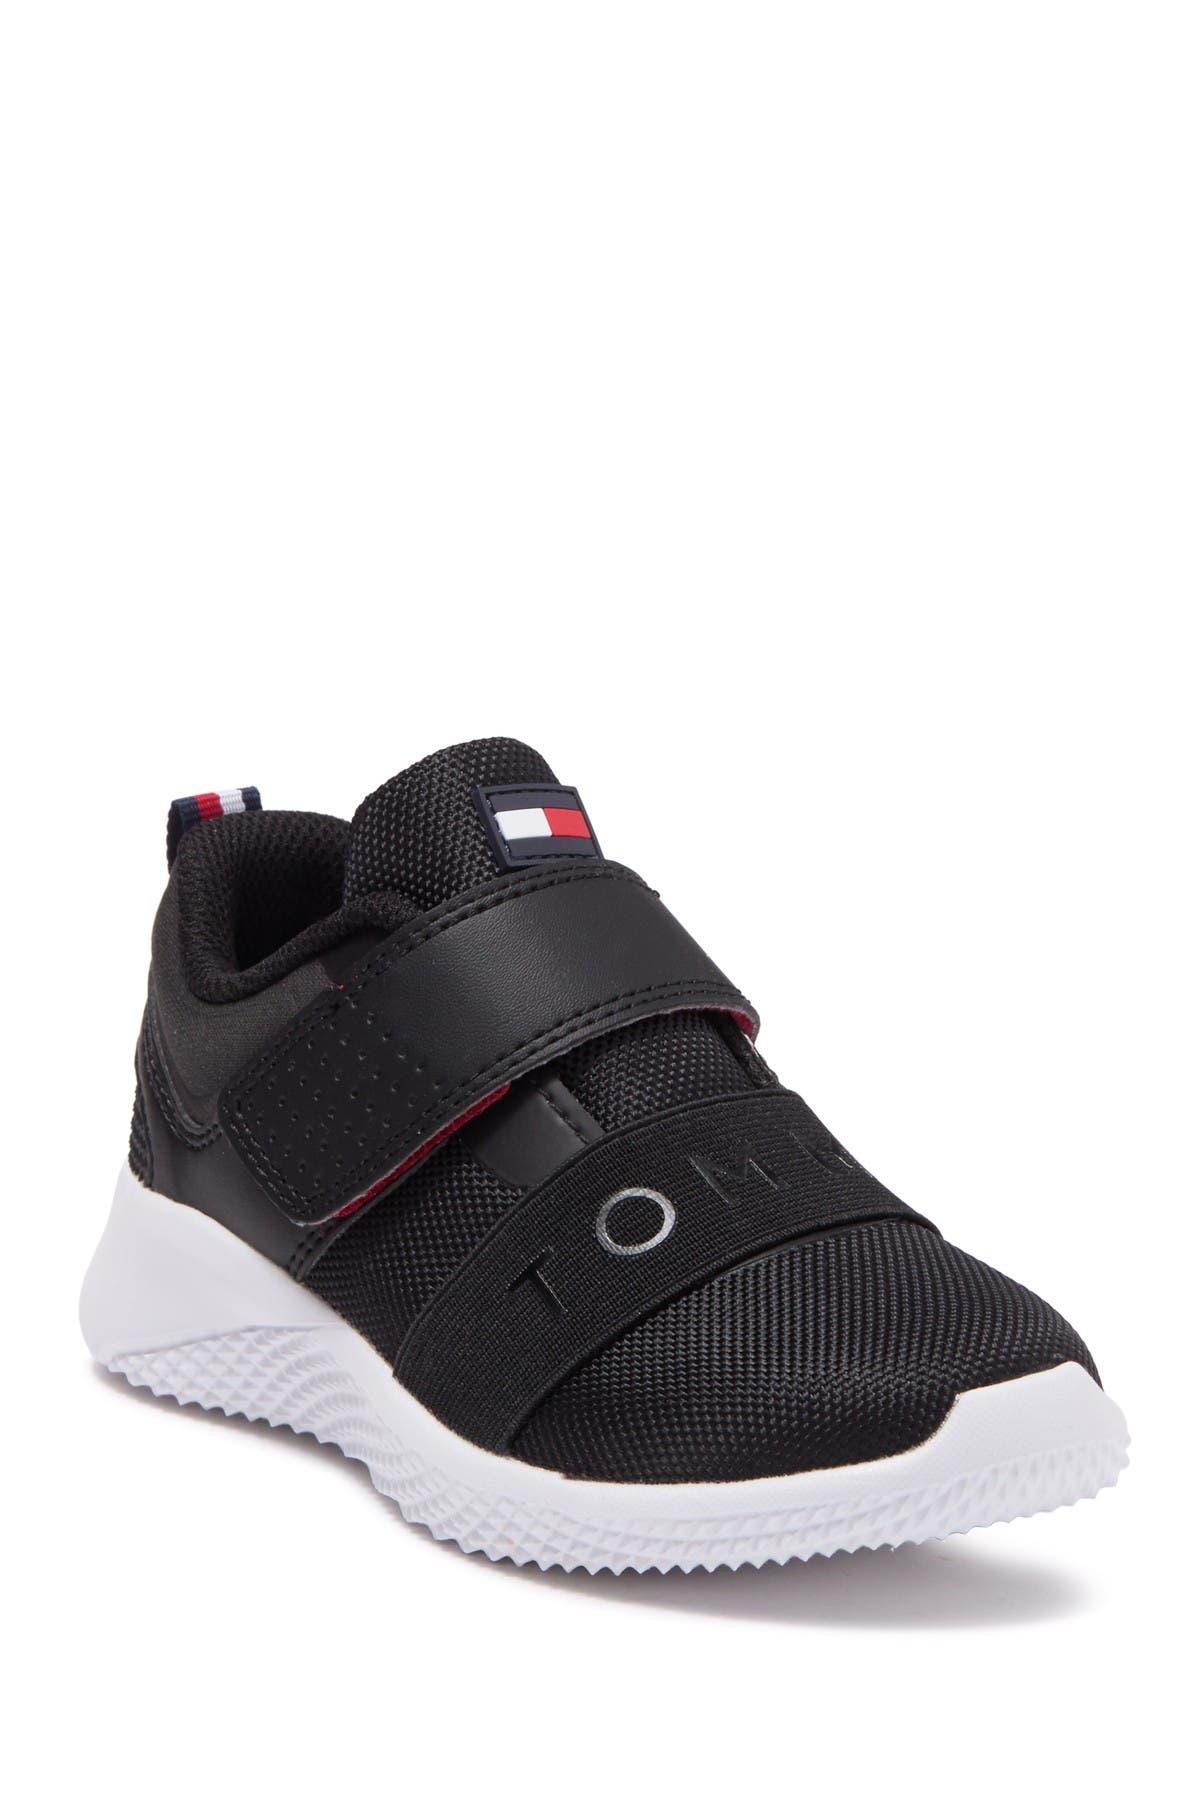 Tommy Hilfiger   Cadet Strap Sneaker